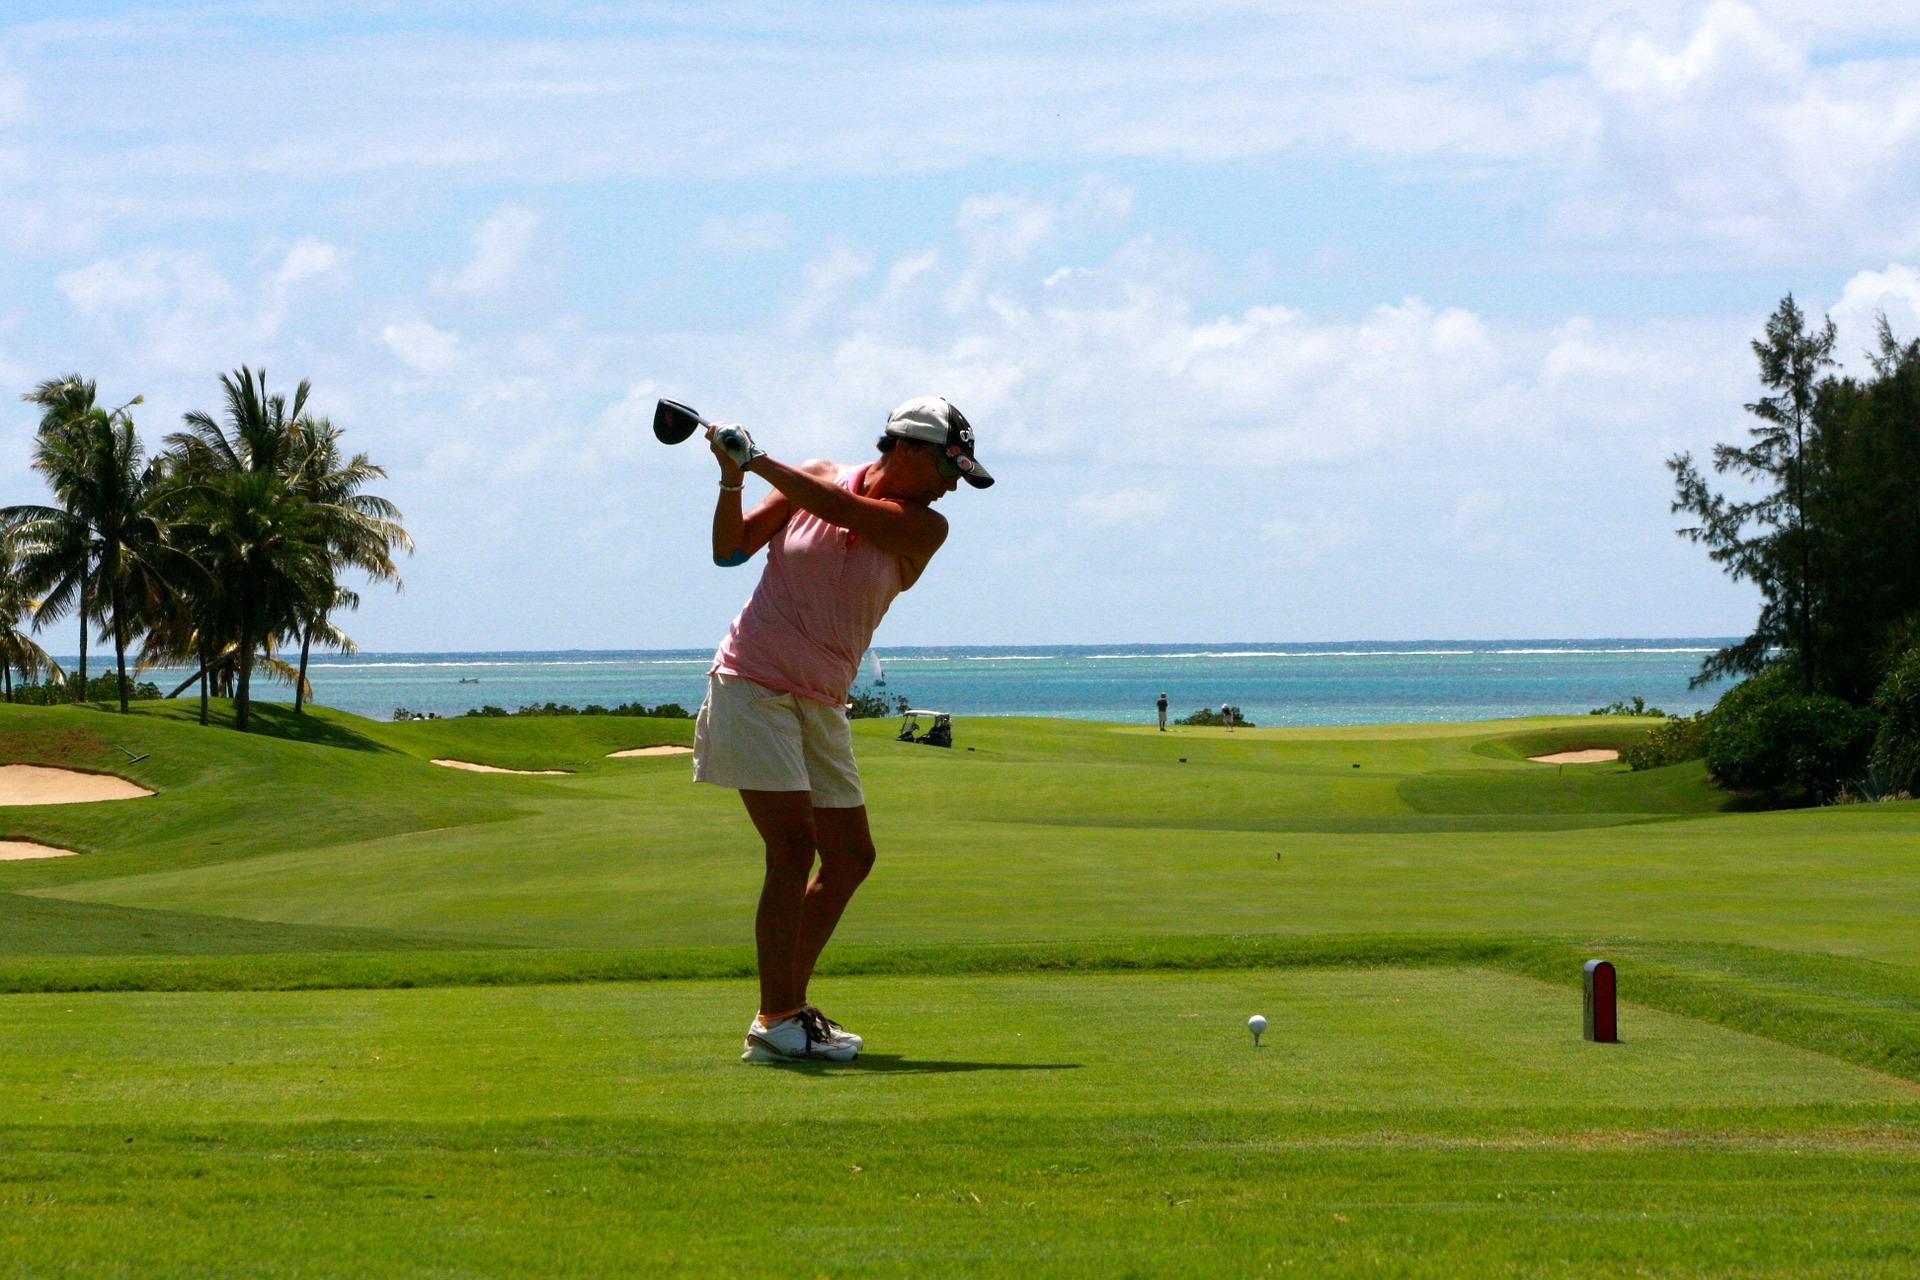 best-golf-instruction-escondido-ca-usa